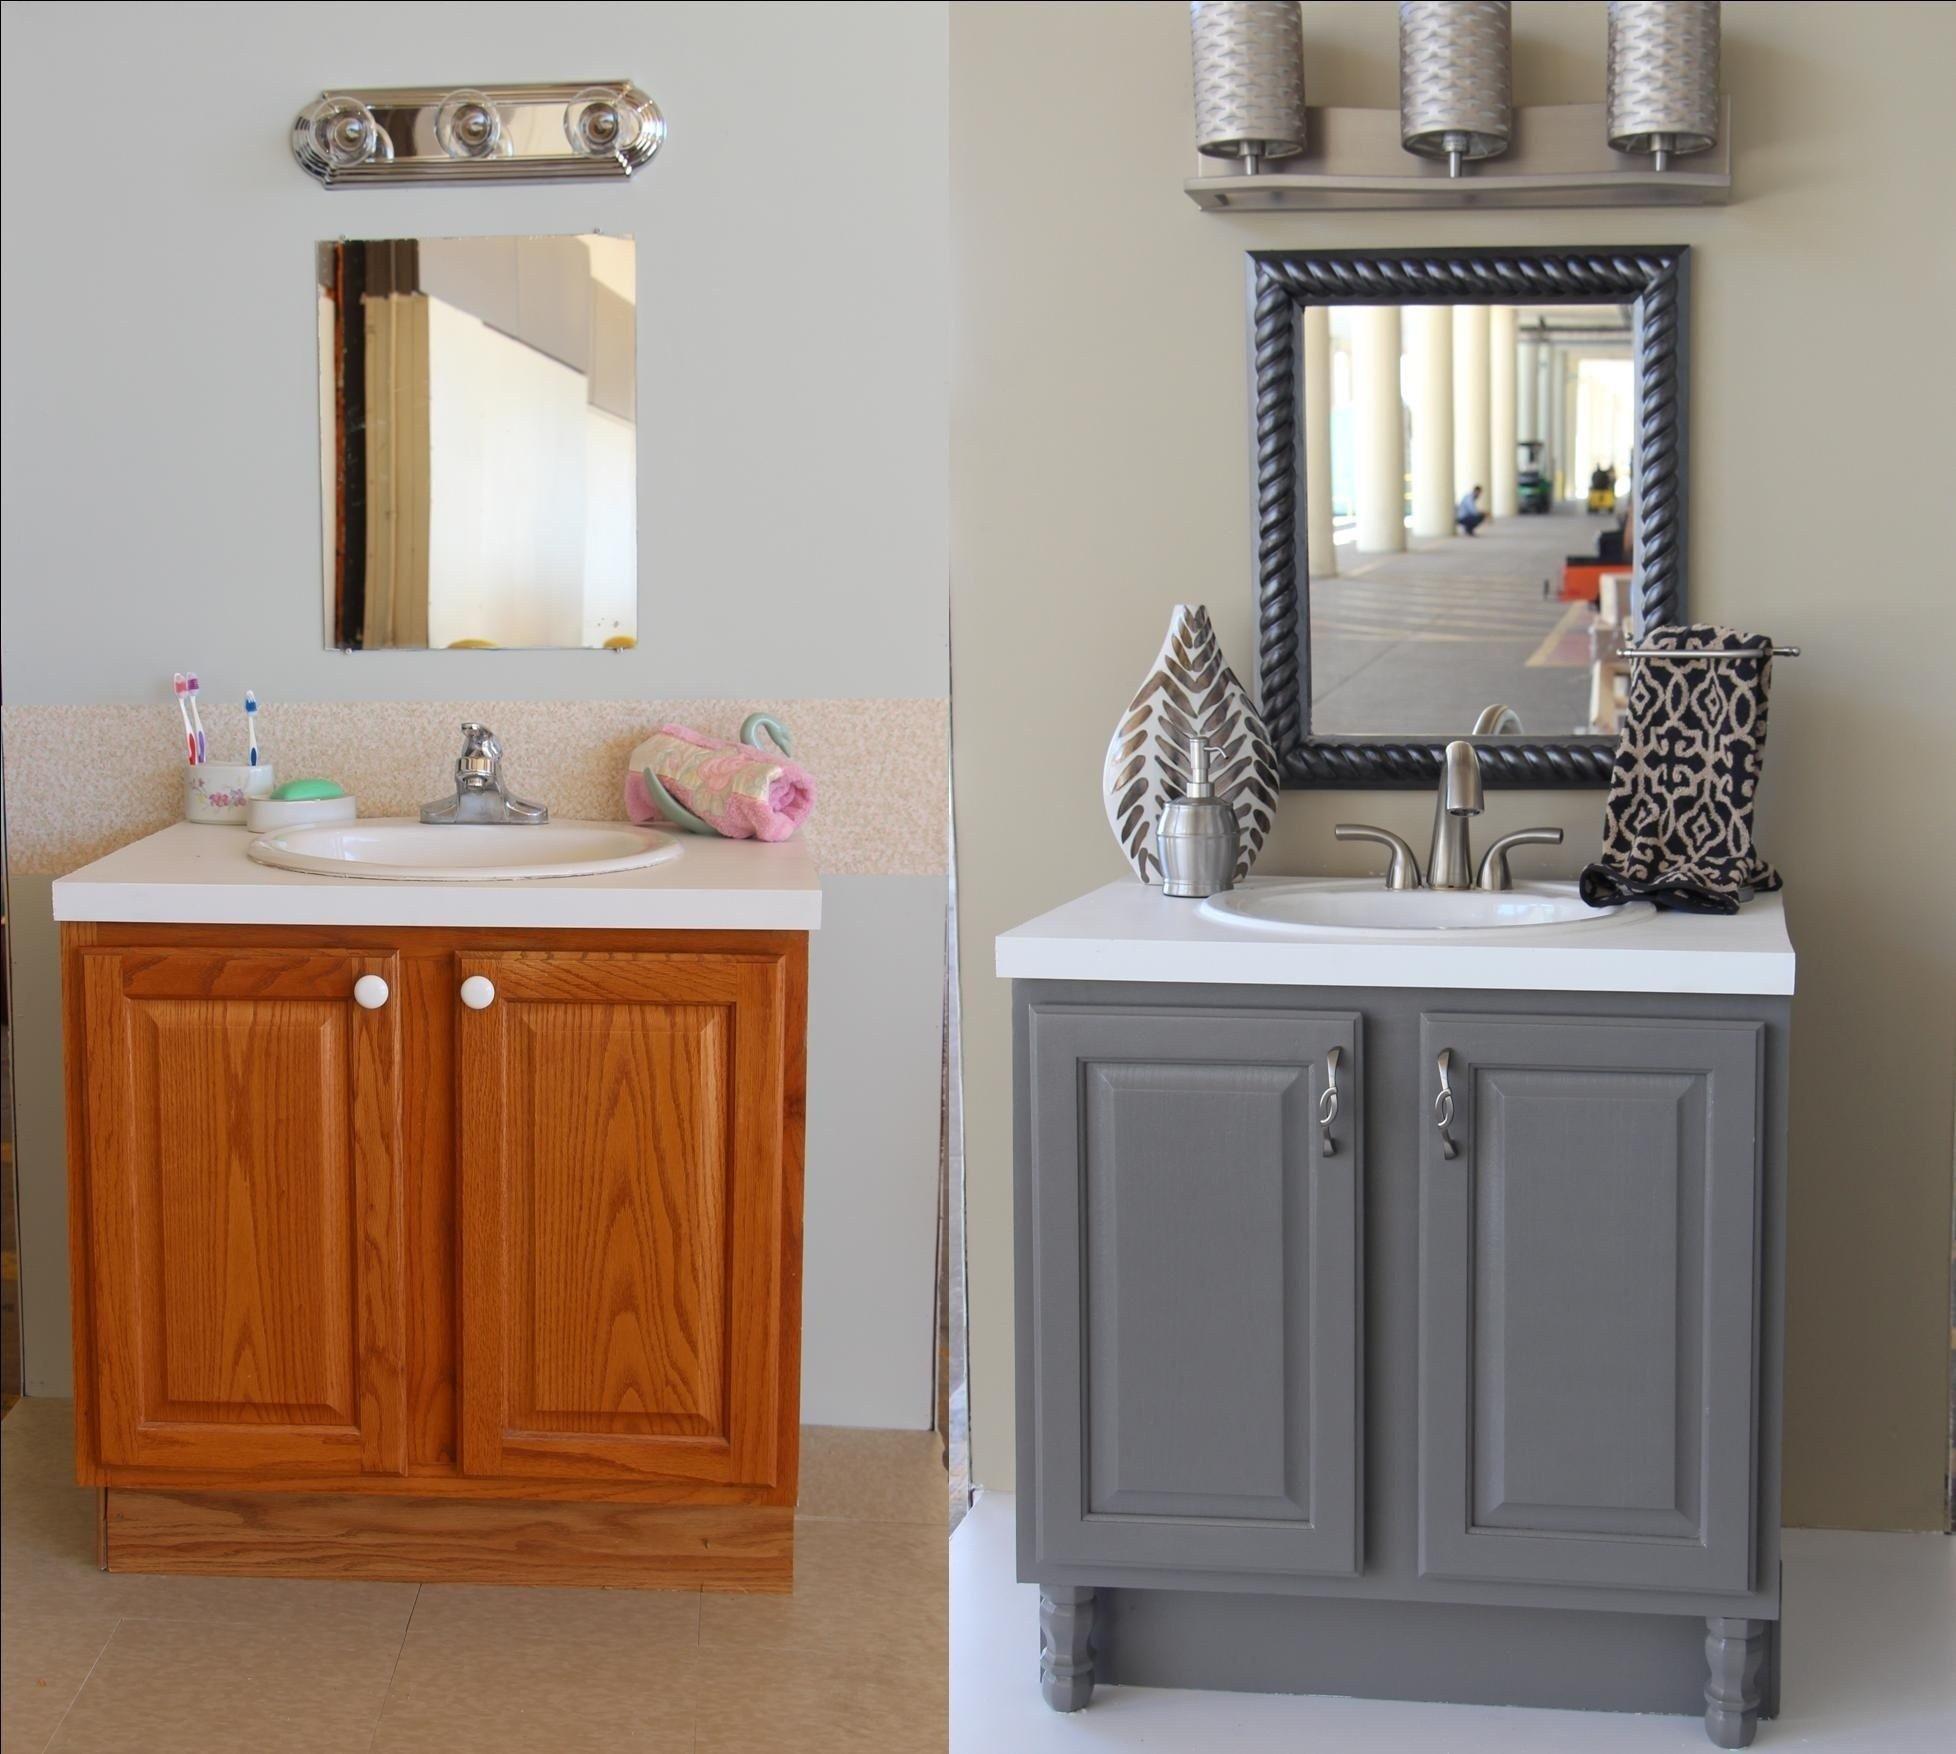 29 amazing bathroom remodel ideas unique